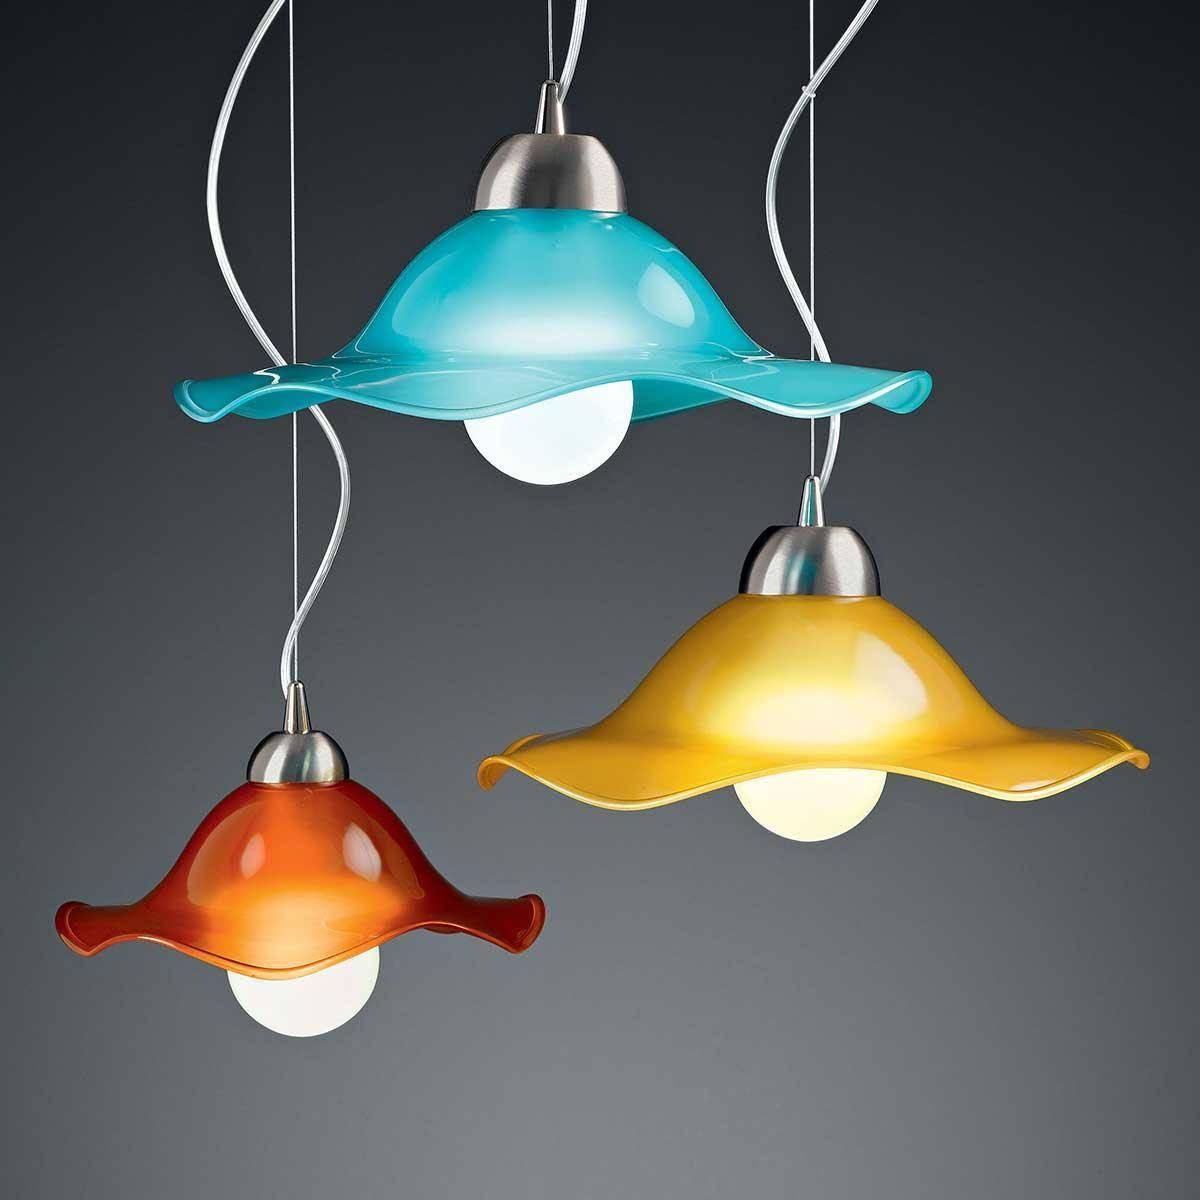 Murano Glass Pendant Lights - Murano Glass Chandeliers with Murano Glass Pendant Lights (Image 8 of 15)